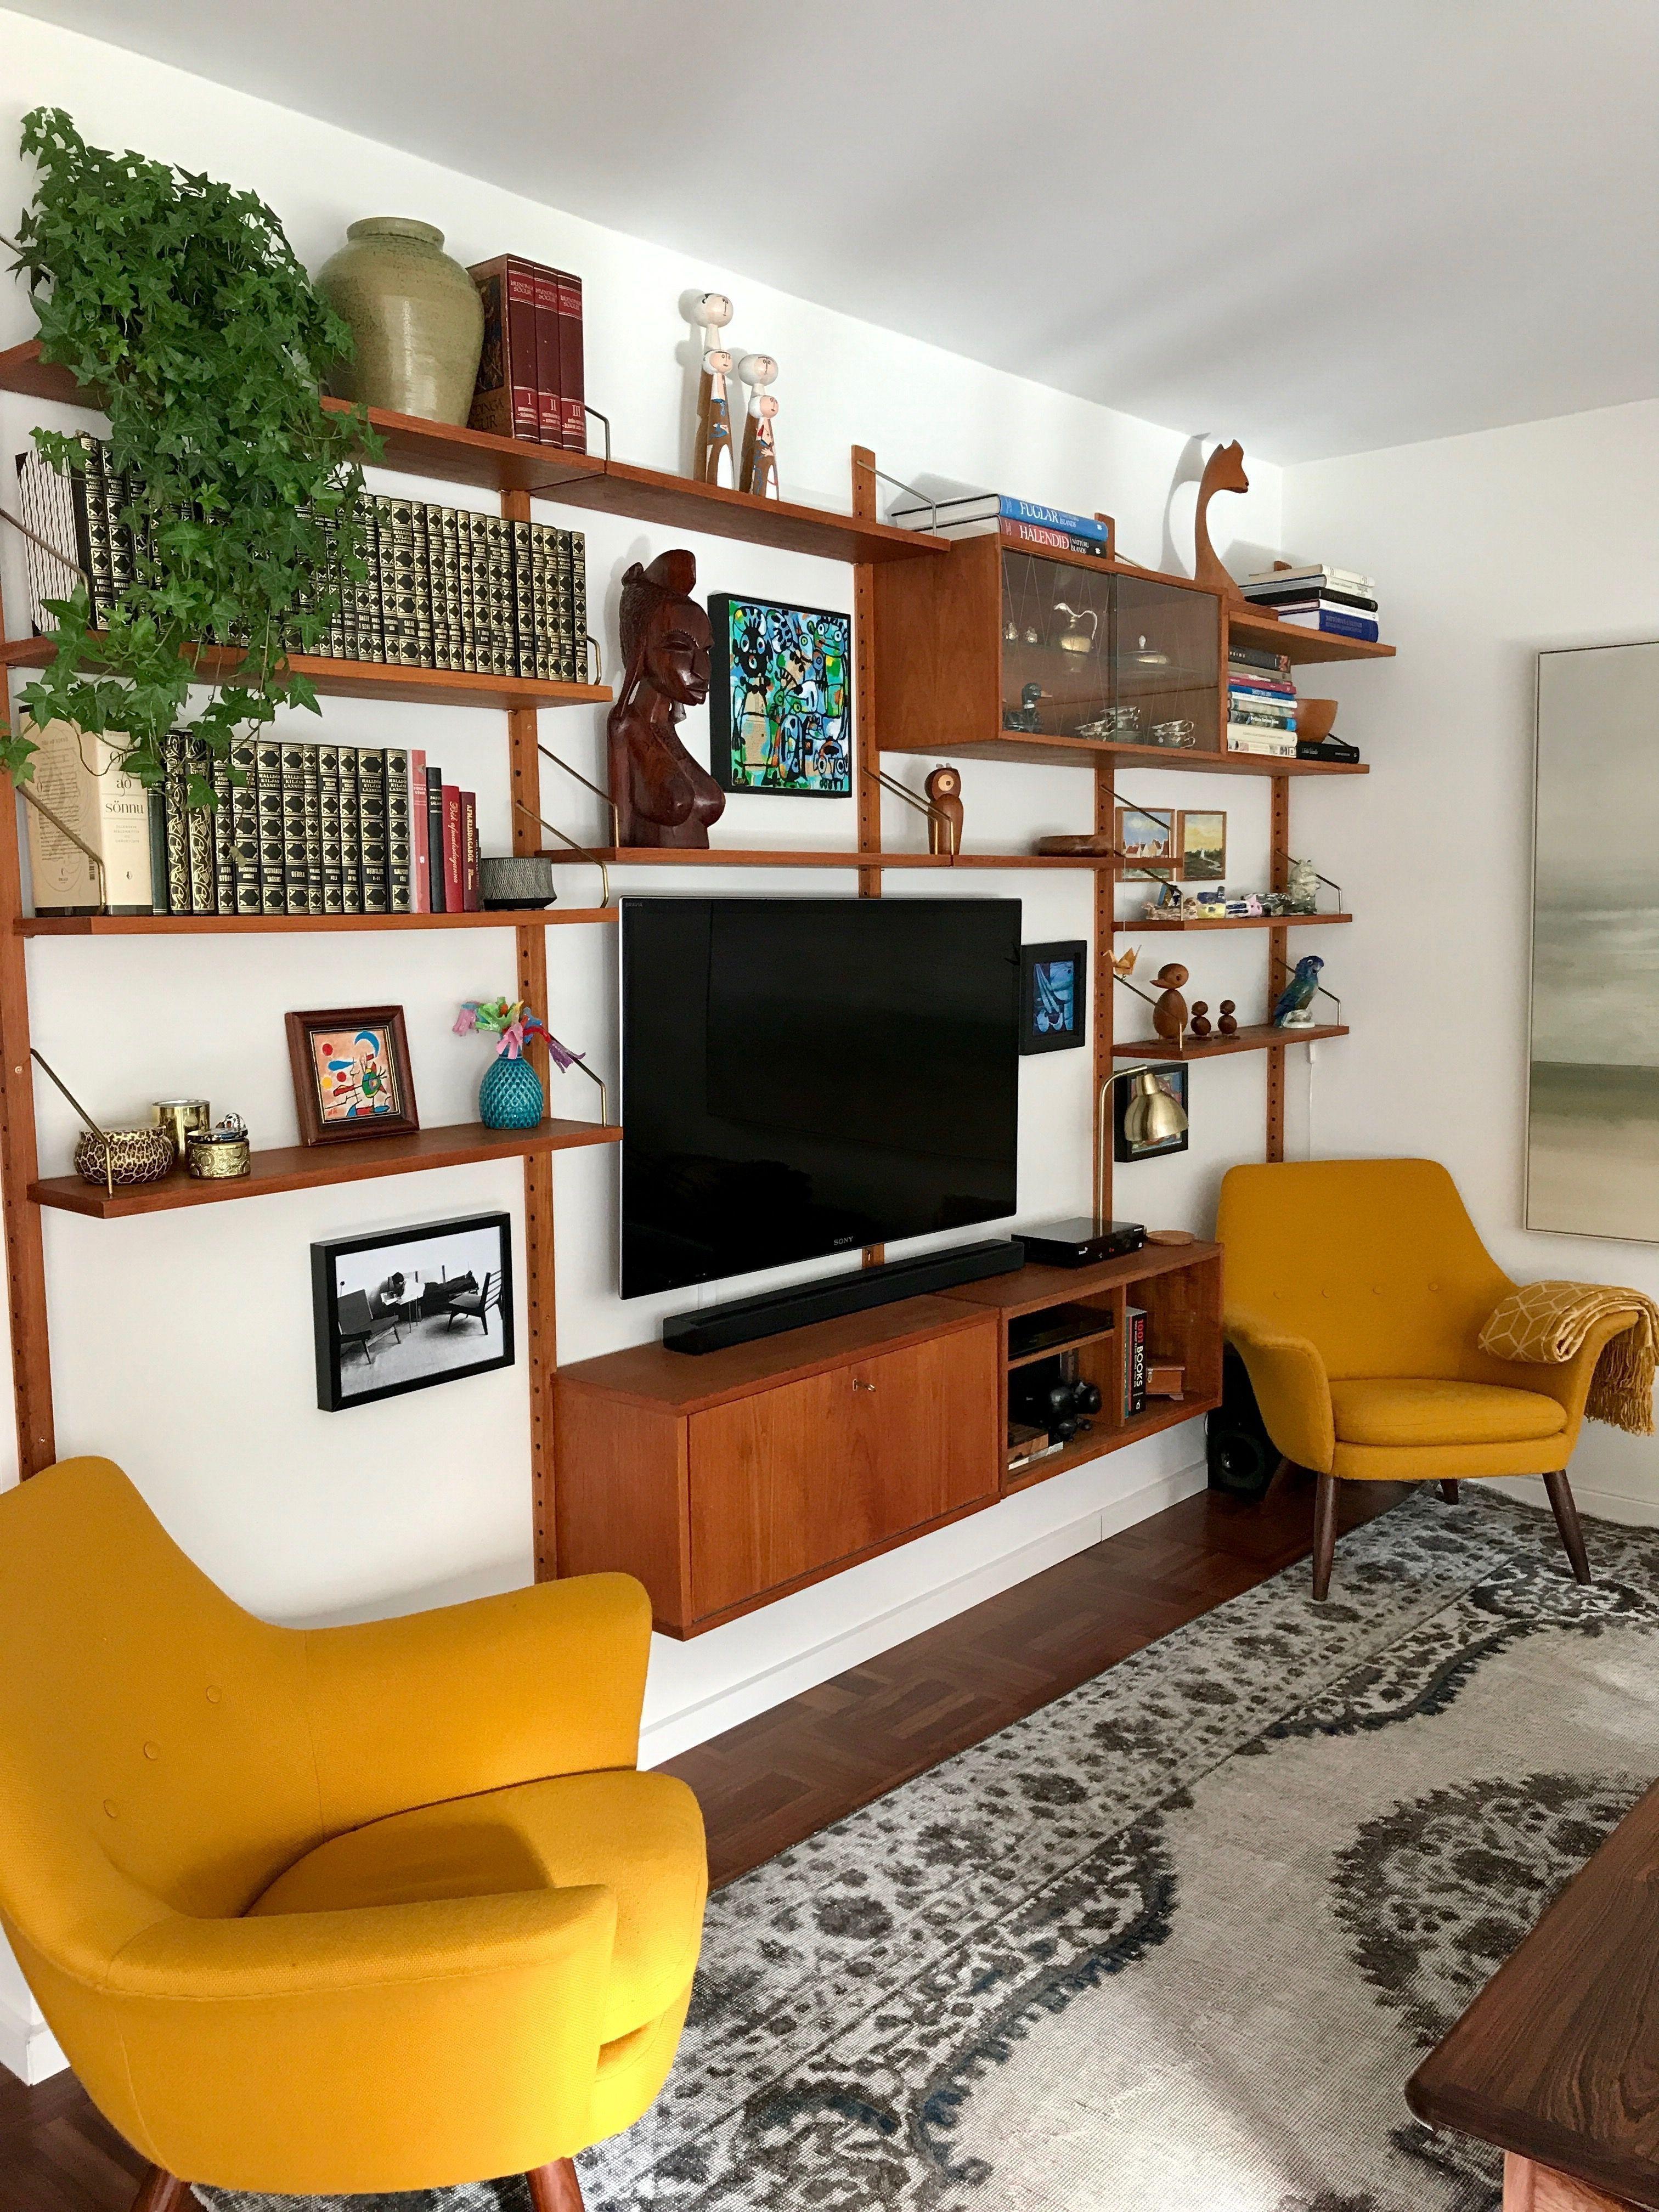 27 Bestes Mid Century Wohnzimmer zum Ausprobieren zu Hause -  27 Bestes Mid Century Wohnzimmer zum Ausprobieren zu Hause  - #ausprobieren #bestes #cen...#ausprobieren #bestes #cen #century #hause #mid #wohnzimmer #zum